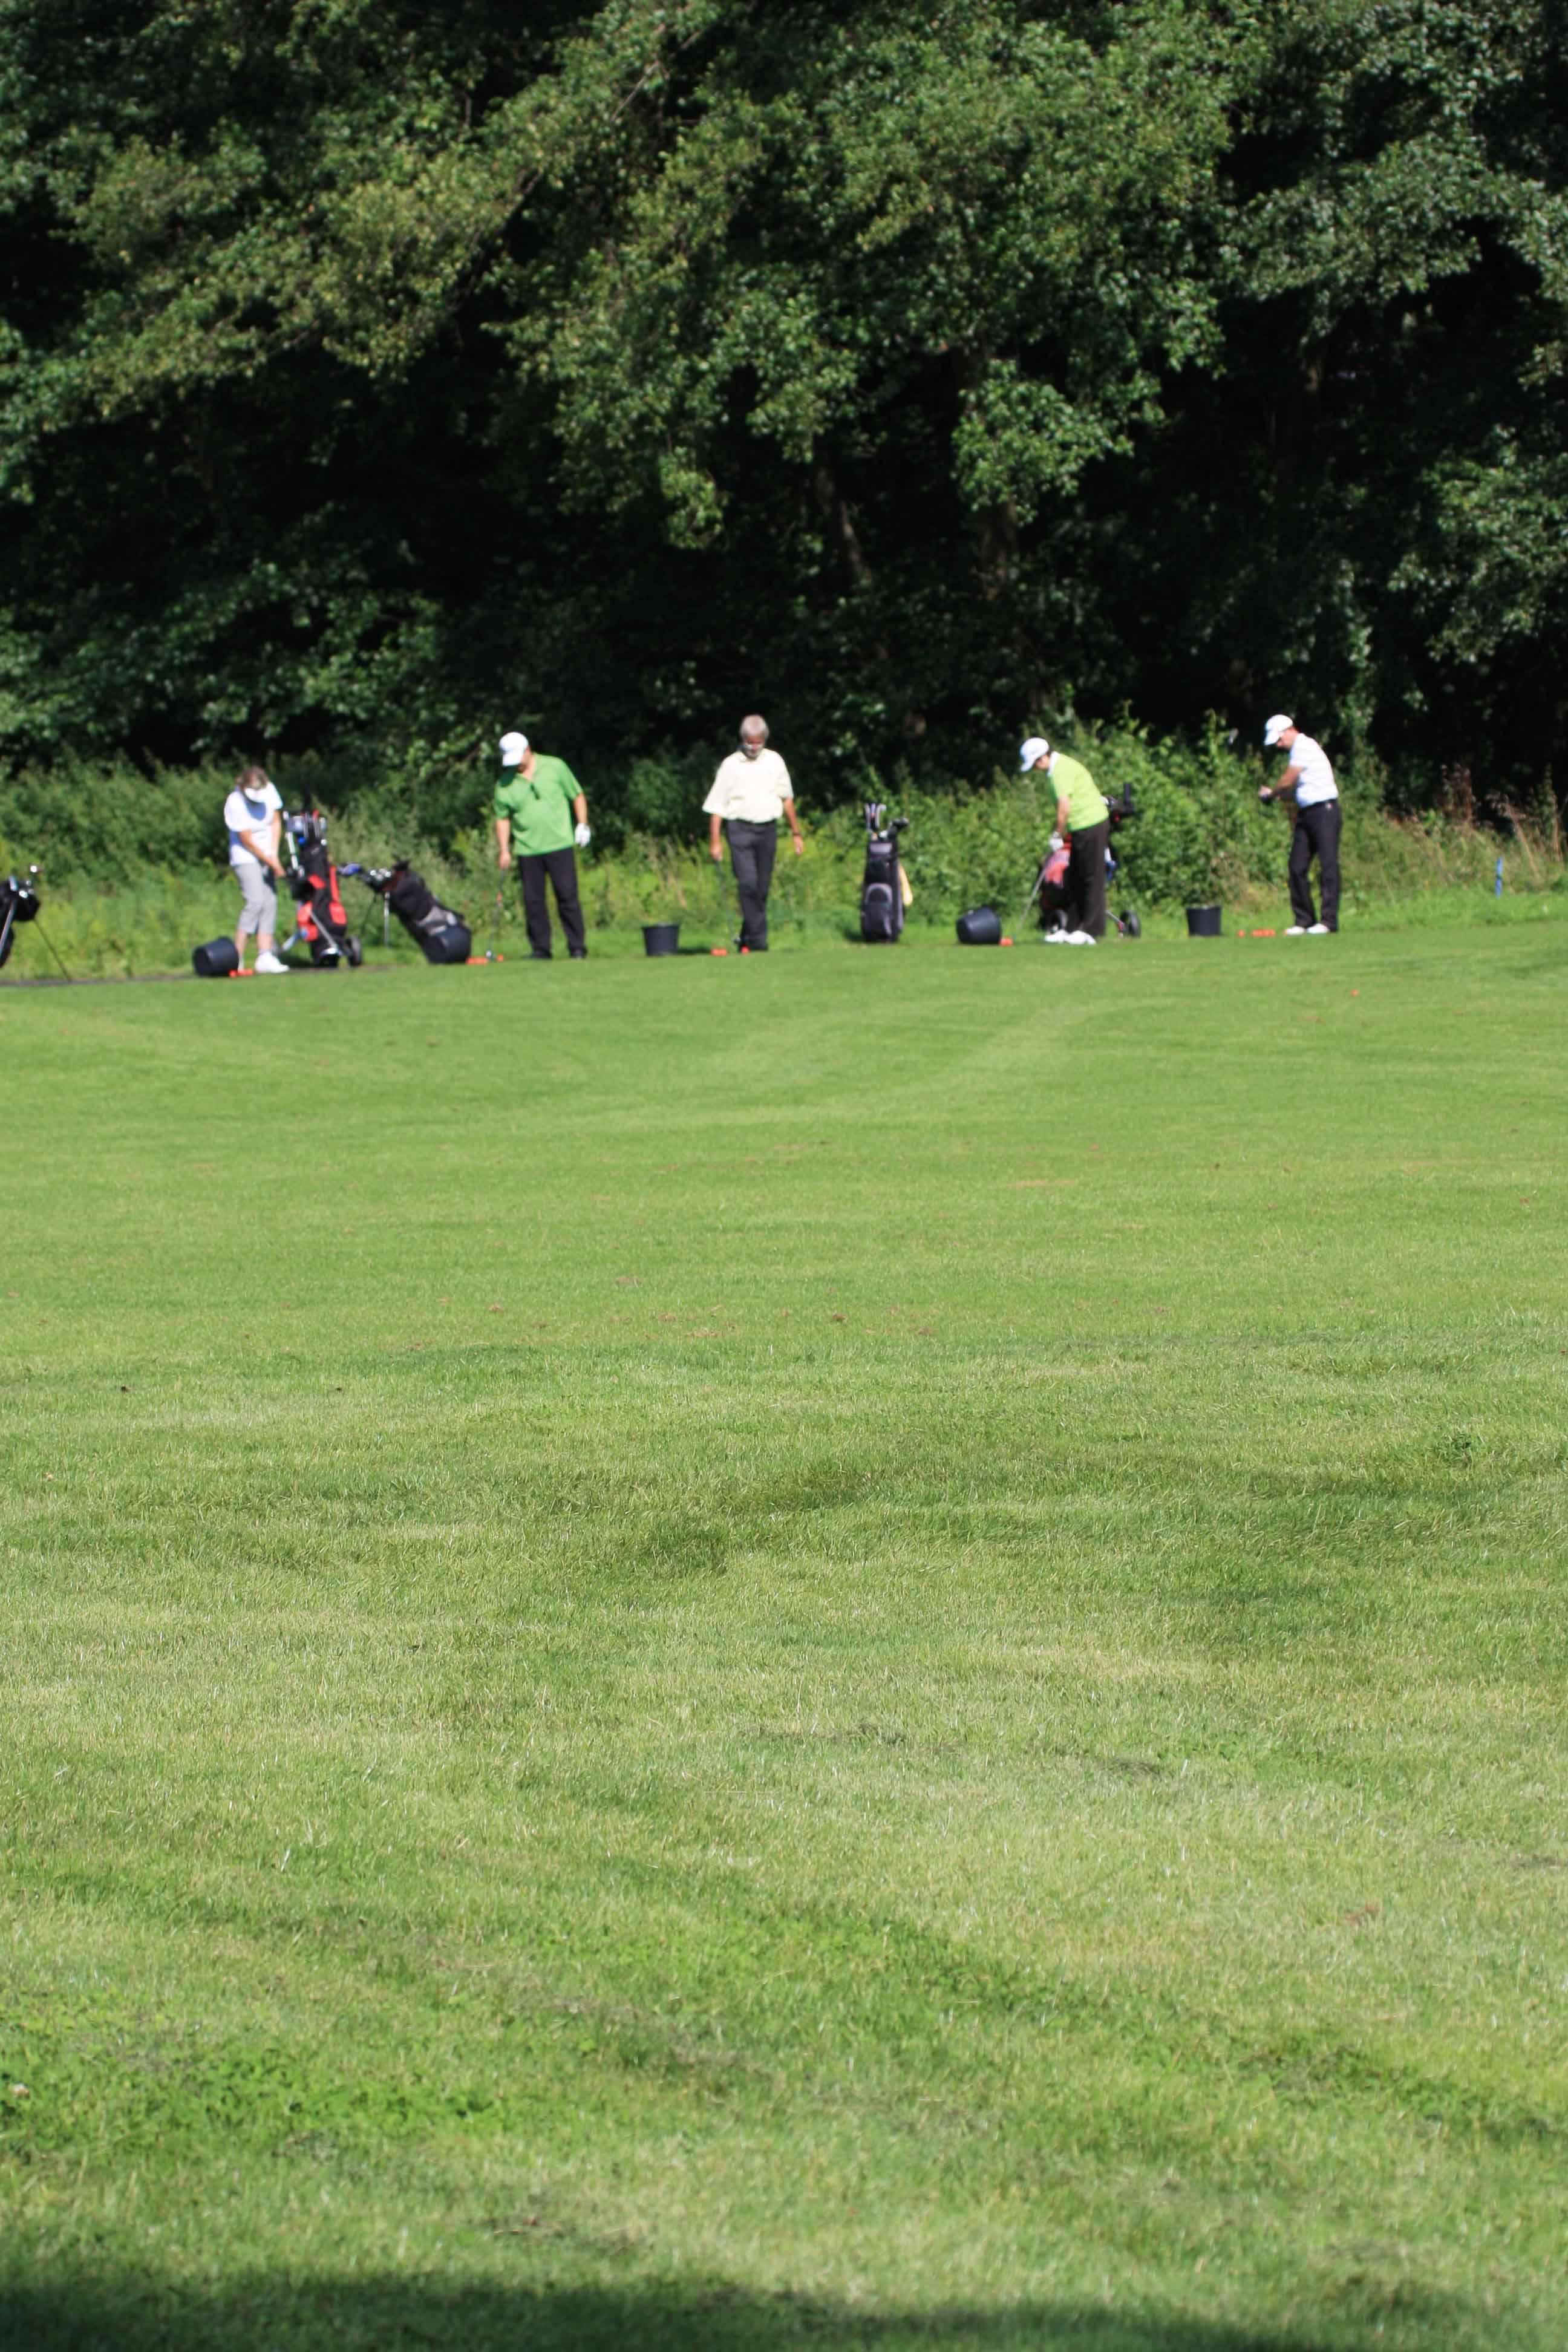 Golfkurse auf der 9-Loch-Anlage am Eselspfad